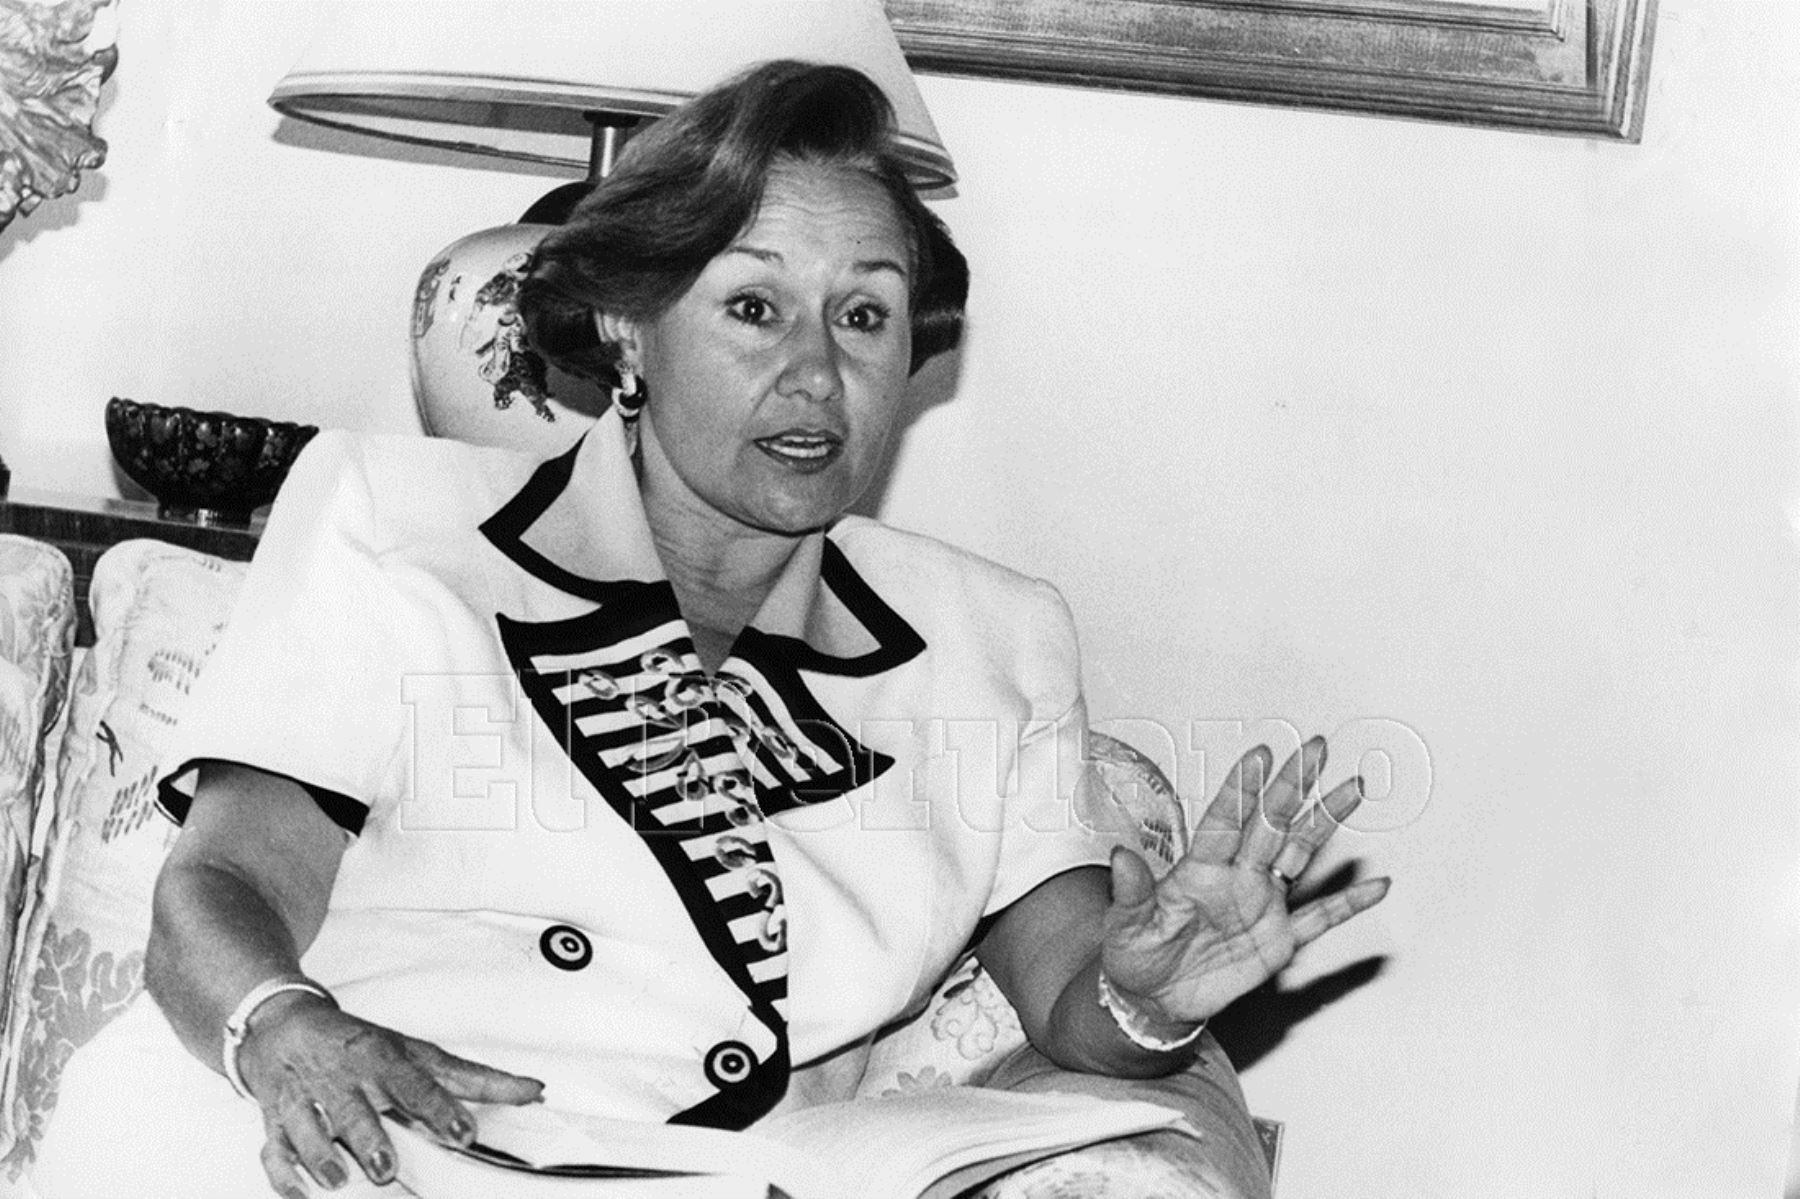 1995. La exmagistrada del Tribunal Constitucoonal, Delia Revoredo fue destituida por el régimen fujimorista por oponerse, junto a Guillermo Rey Terry y  Manuel Aguirre Roca, a la segunda reelección de Alberto Fujimori. Tras la caída del régimen (2000), fue restituida.